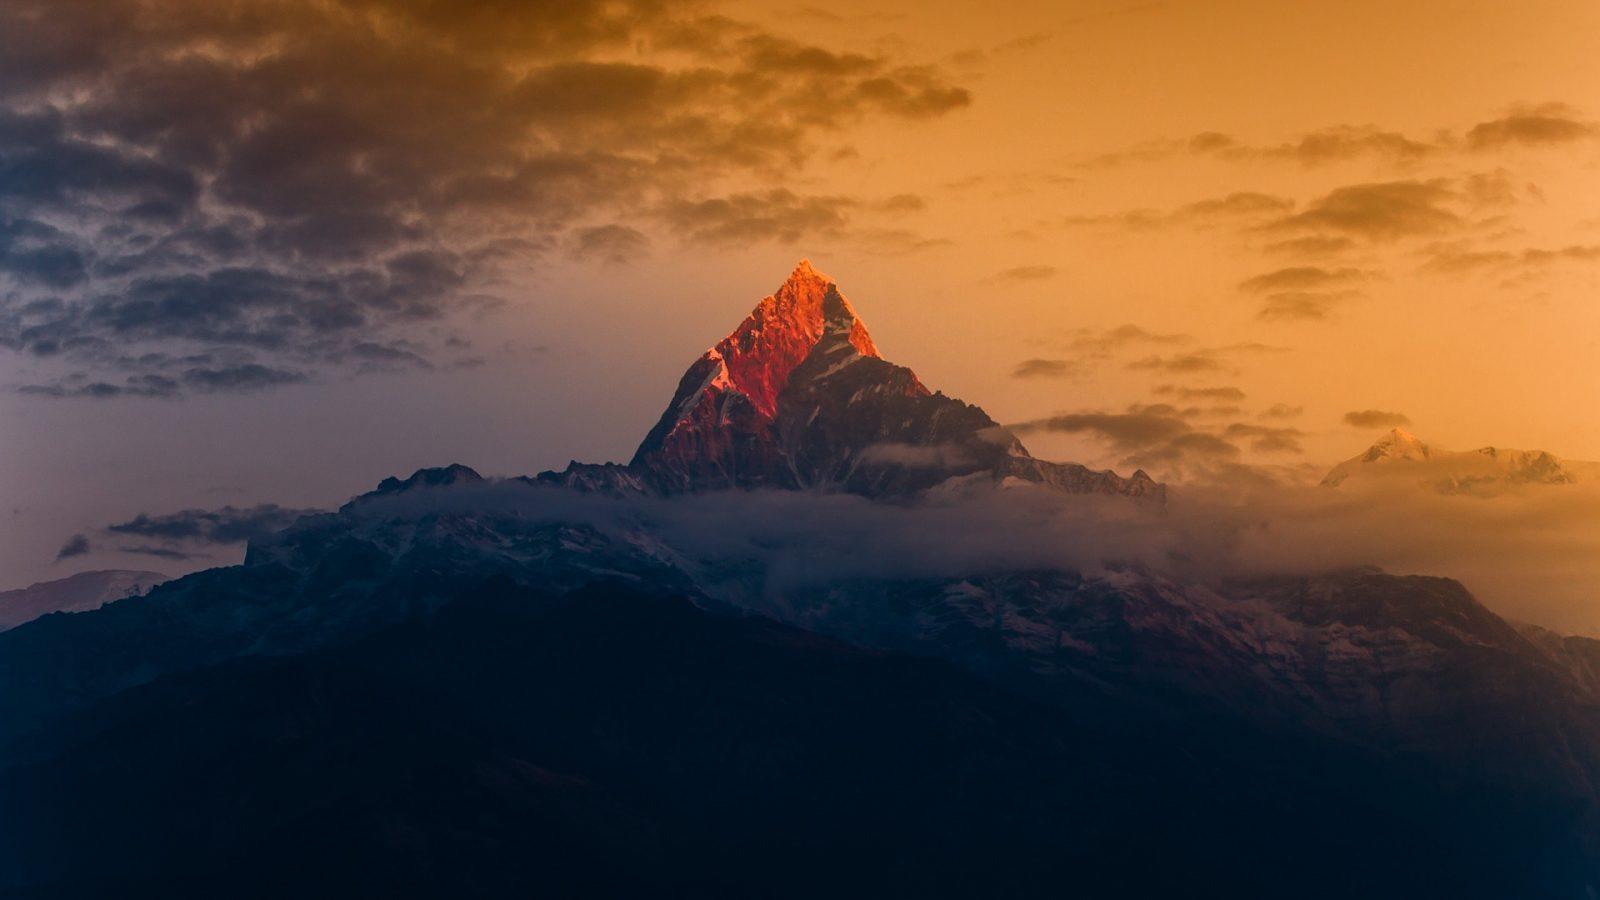 Morning burning mountain